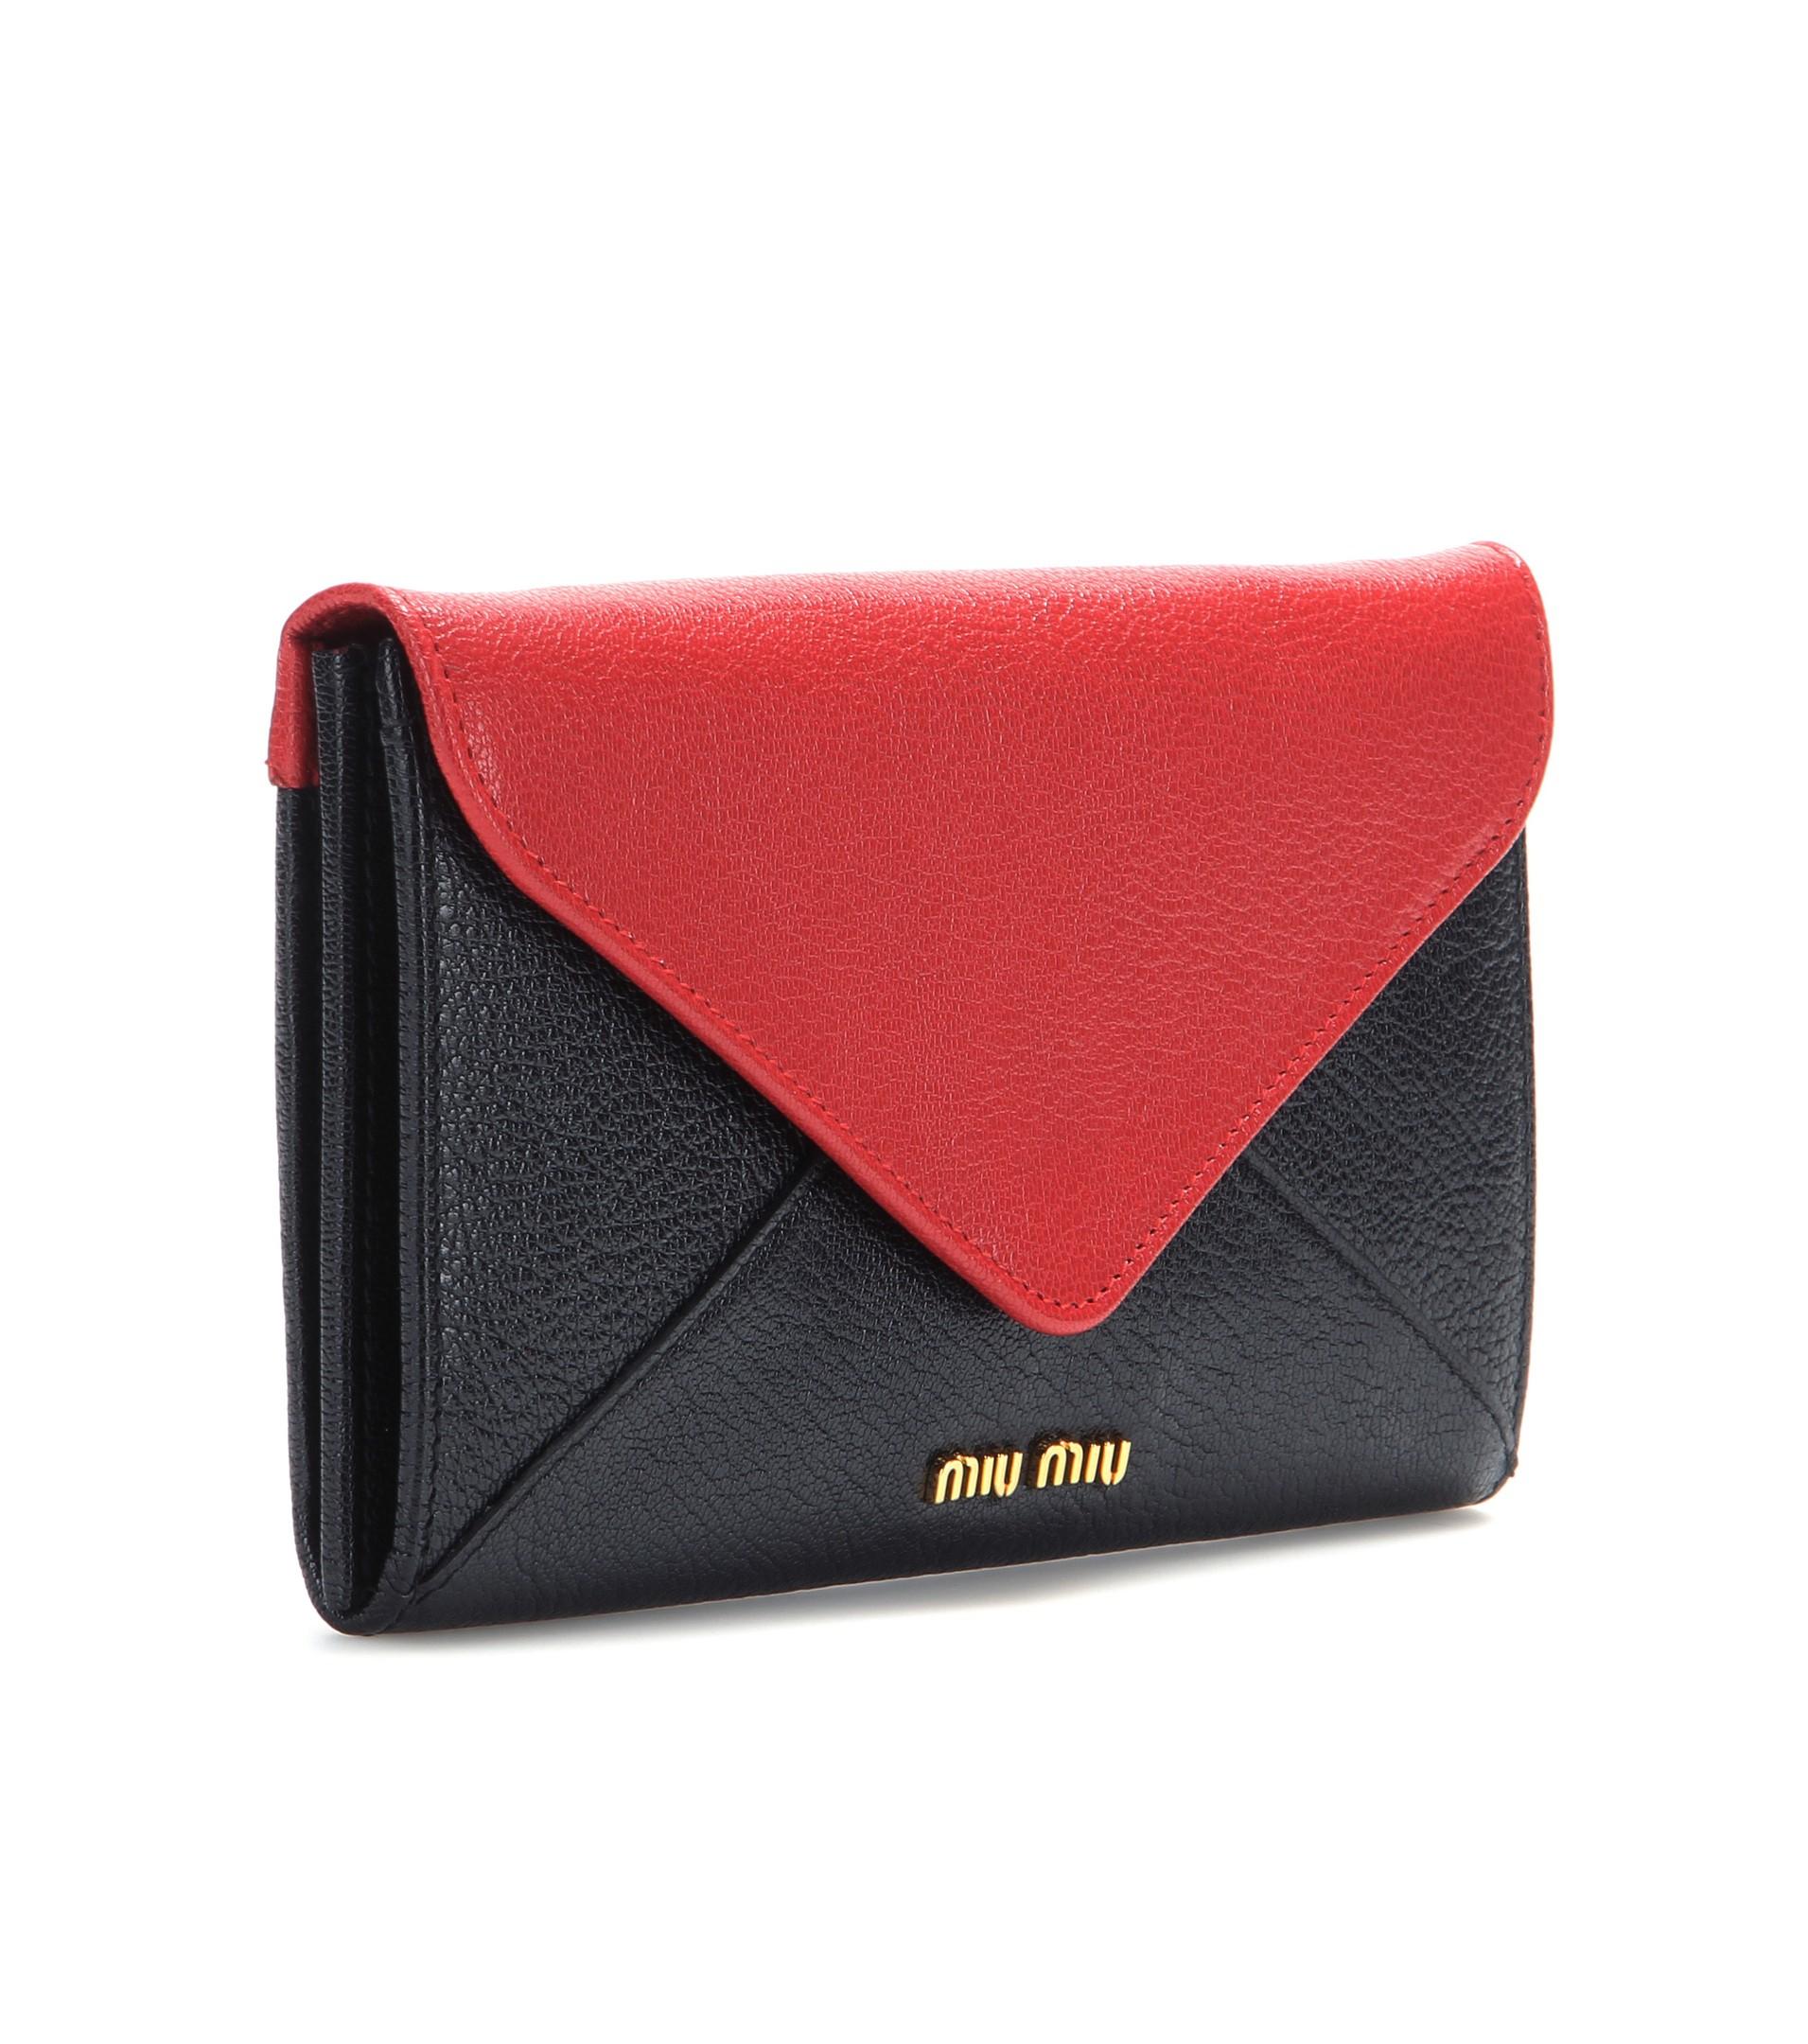 Miu Miu Madras leather flap wallet RdrVtKwx1